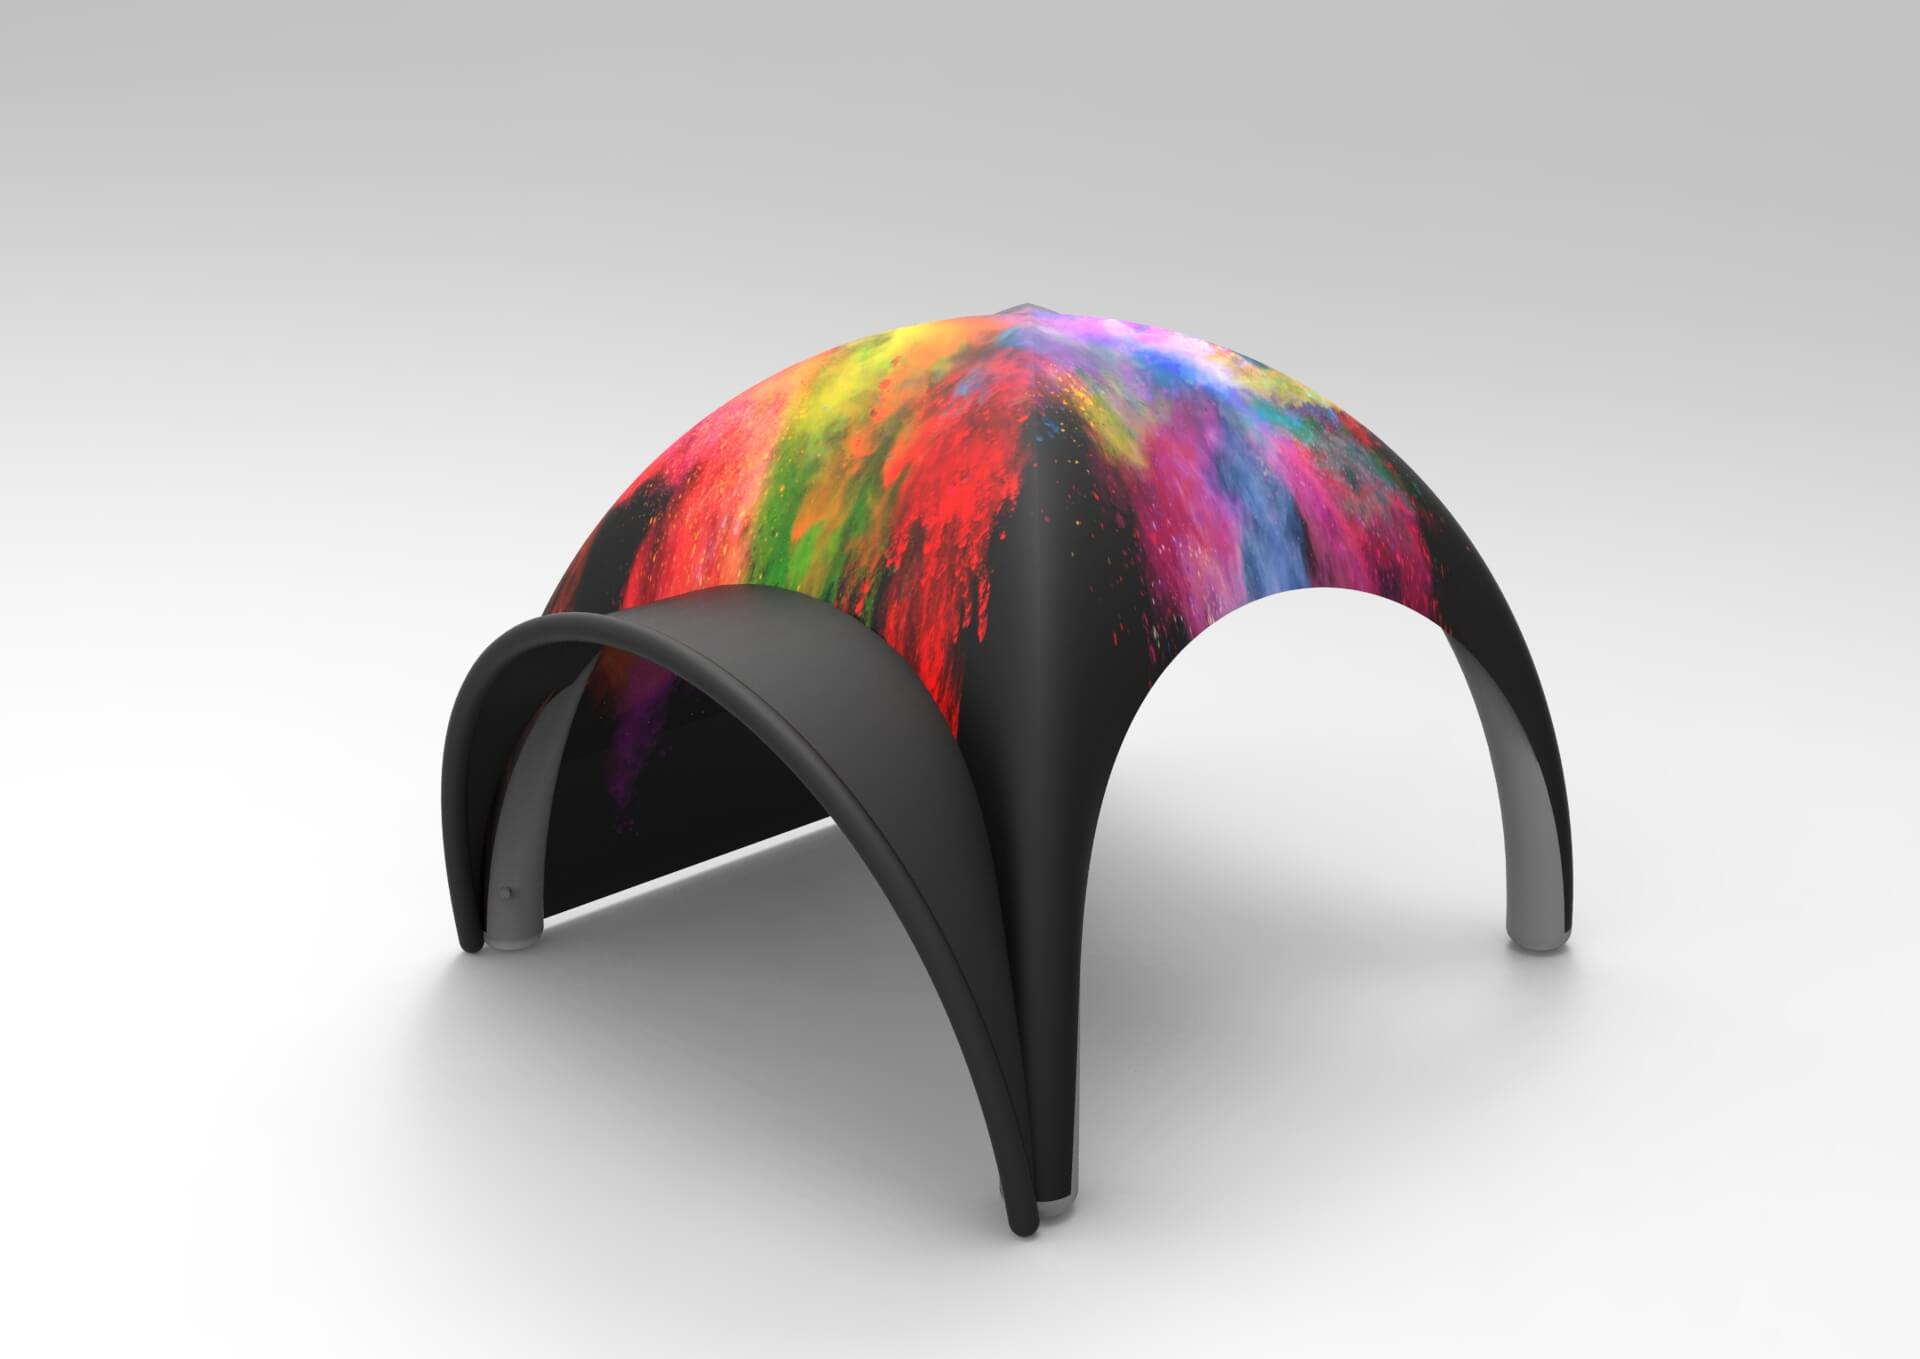 Уличные палатки тенты и шатры с логотипом и дизайном заказчика стоимость в Москве Farberg